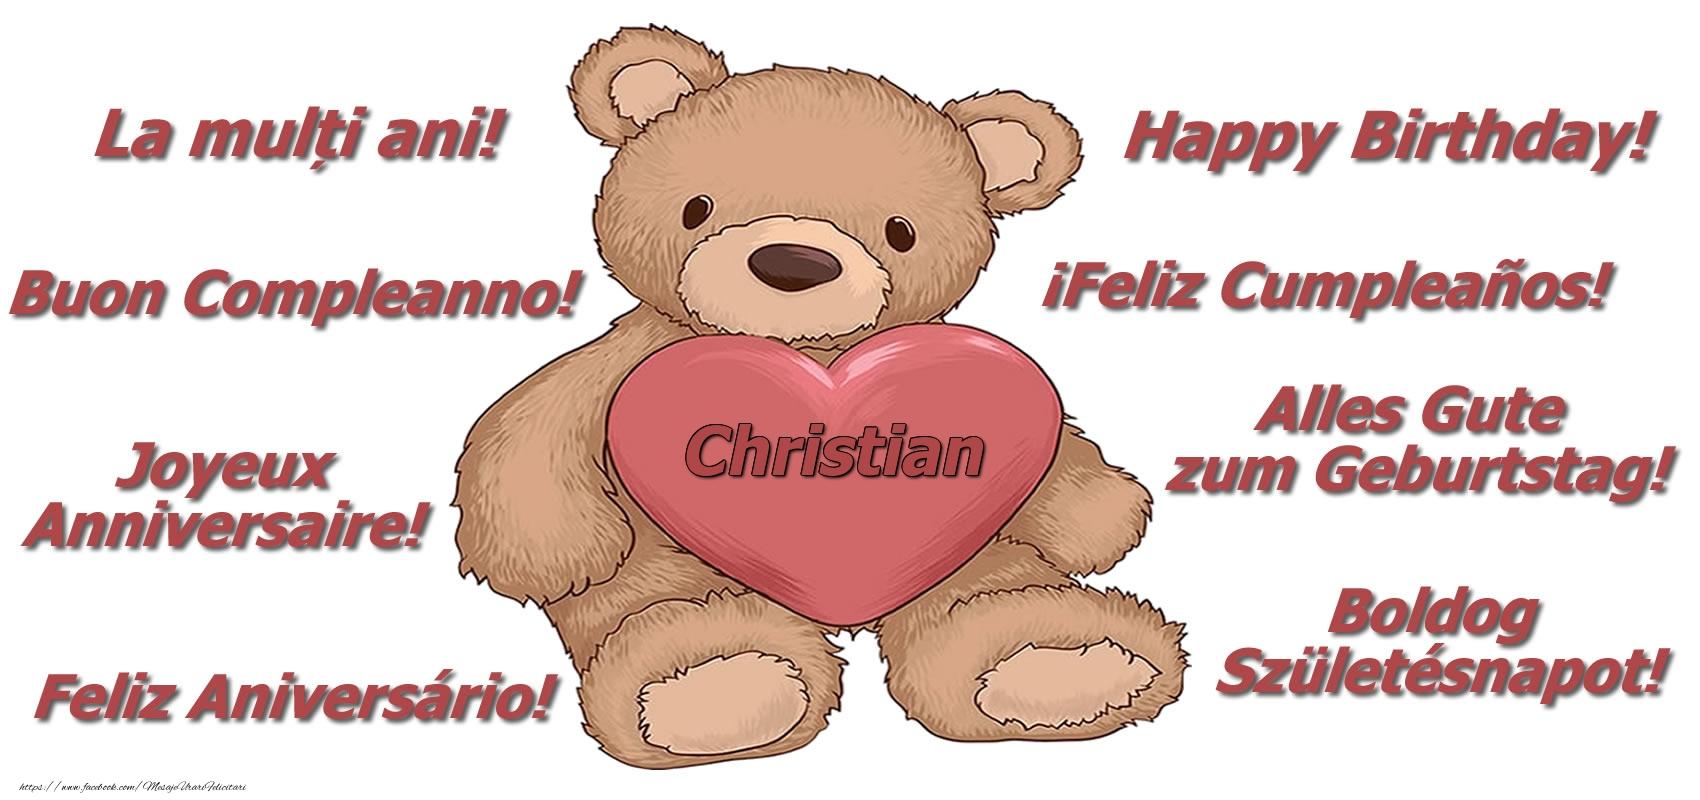 Felicitari de zi de nastere - La multi ani Christian! - Ursulet